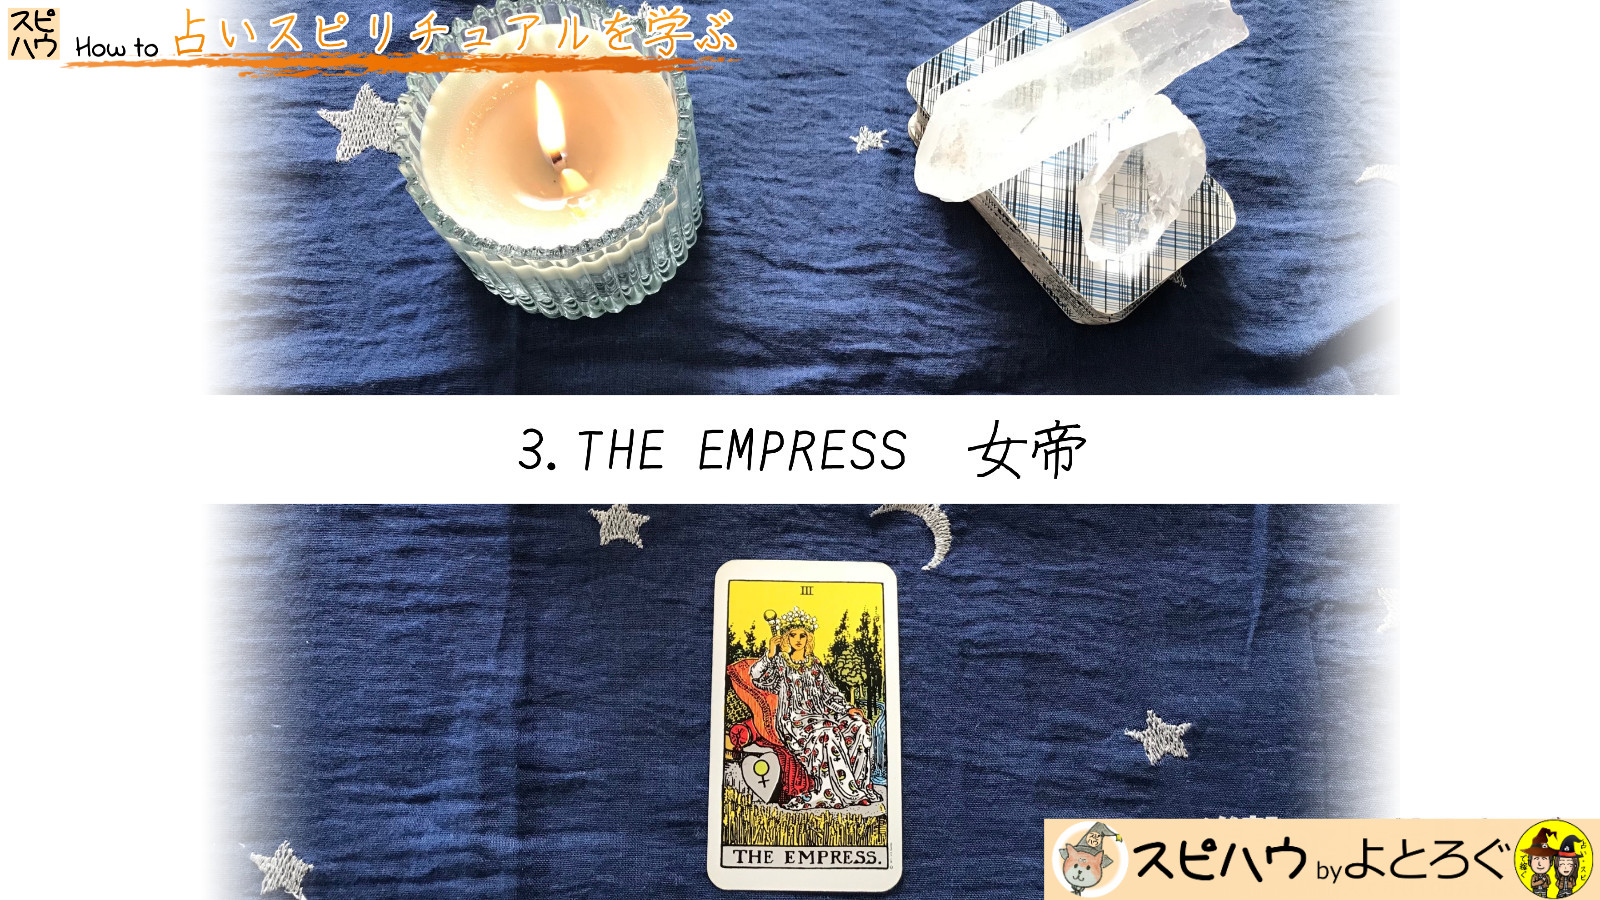 生きる喜びを教えてくれる 3.THE EMPRESS 女帝のカード画像